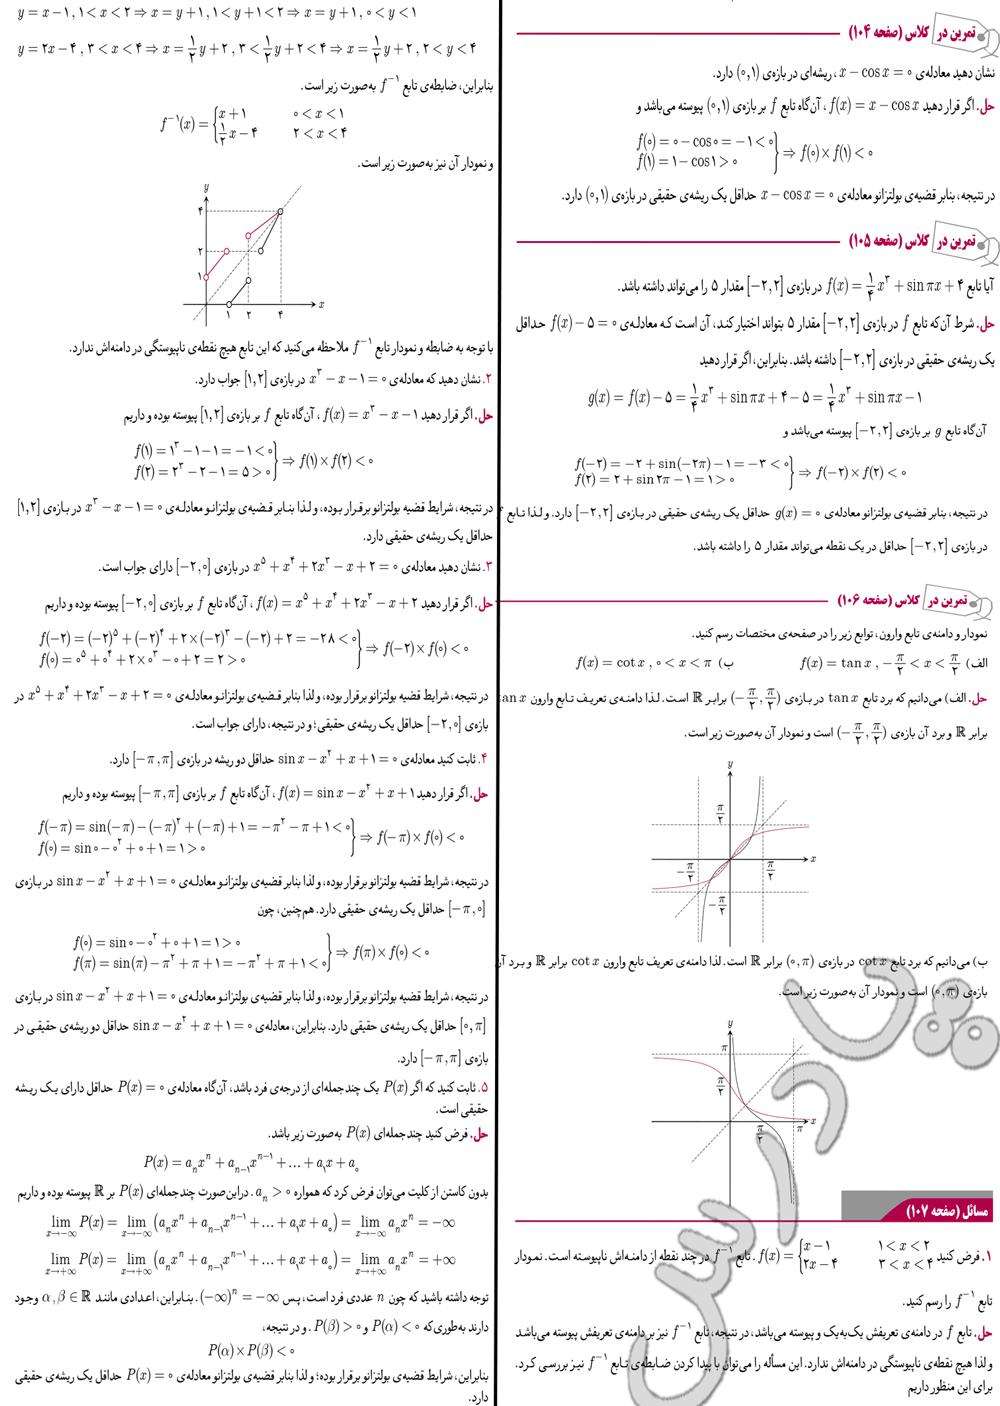 حل تمرین در کلاس و مسائل صفحه 105 تا 107 دیفرانسل پیش دانشگاهی